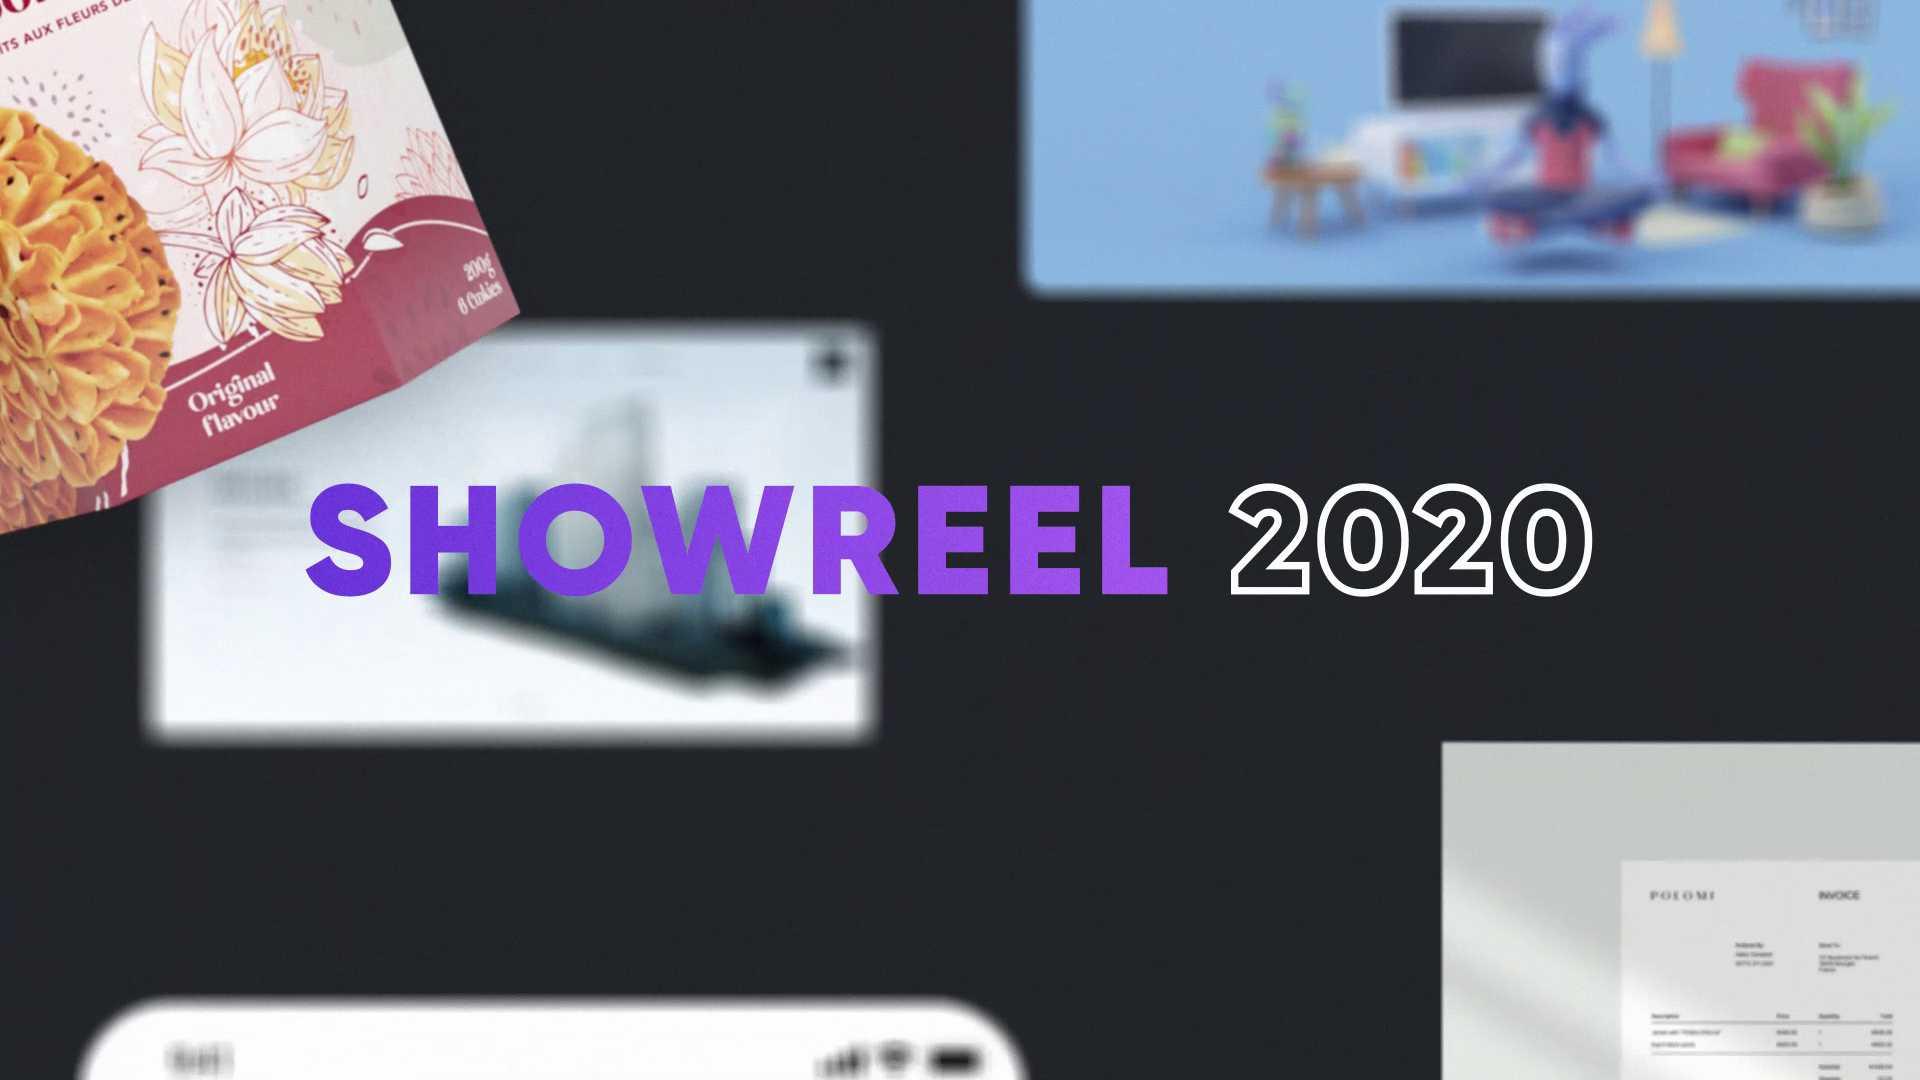 Digital Panda Showreel 2020